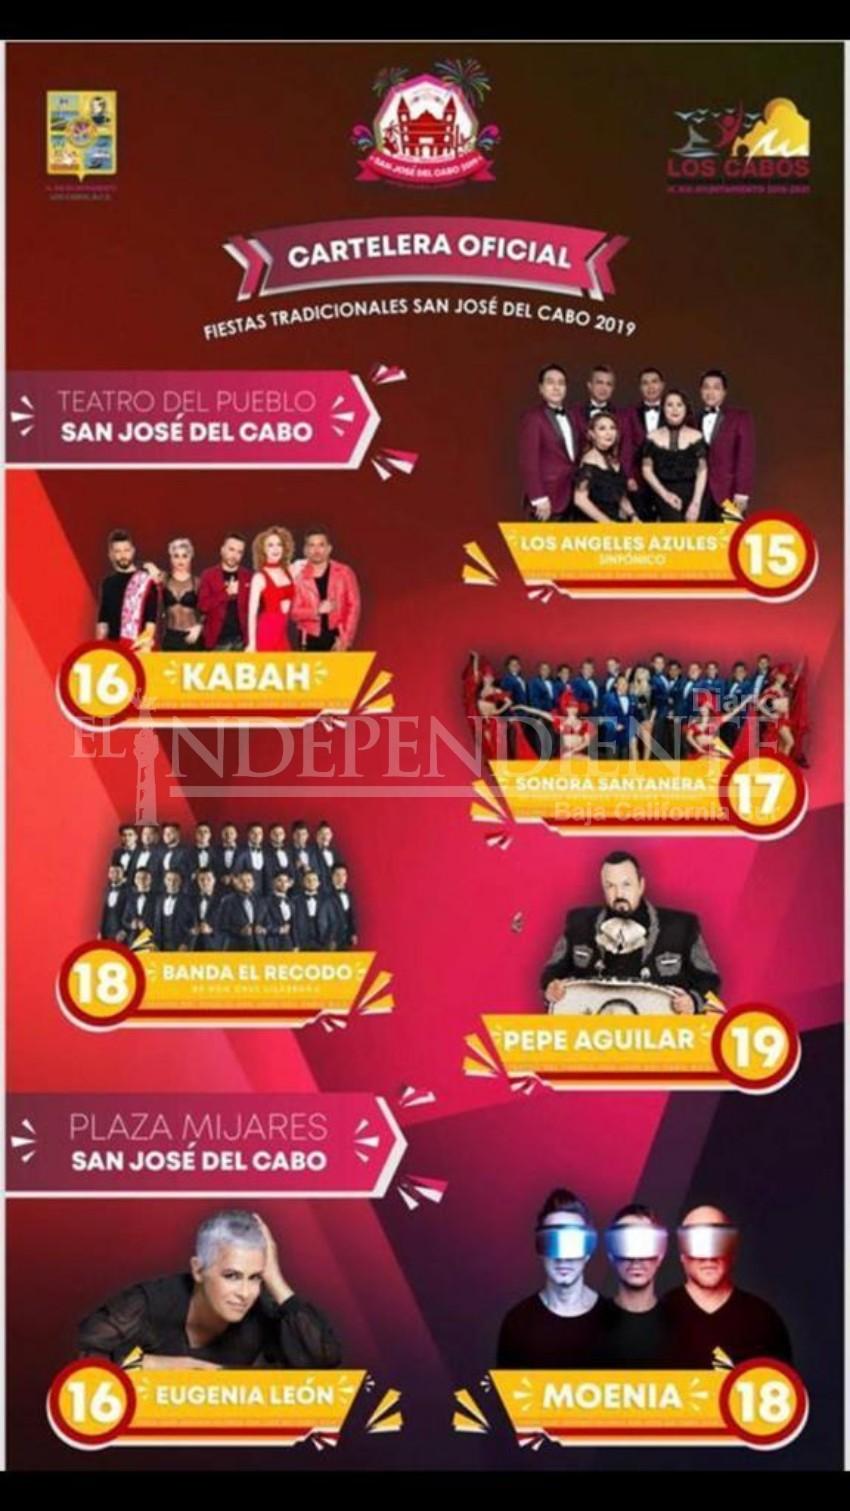 Lista cartelera oficial de Fiestas Tradicionales de San José del Cabo